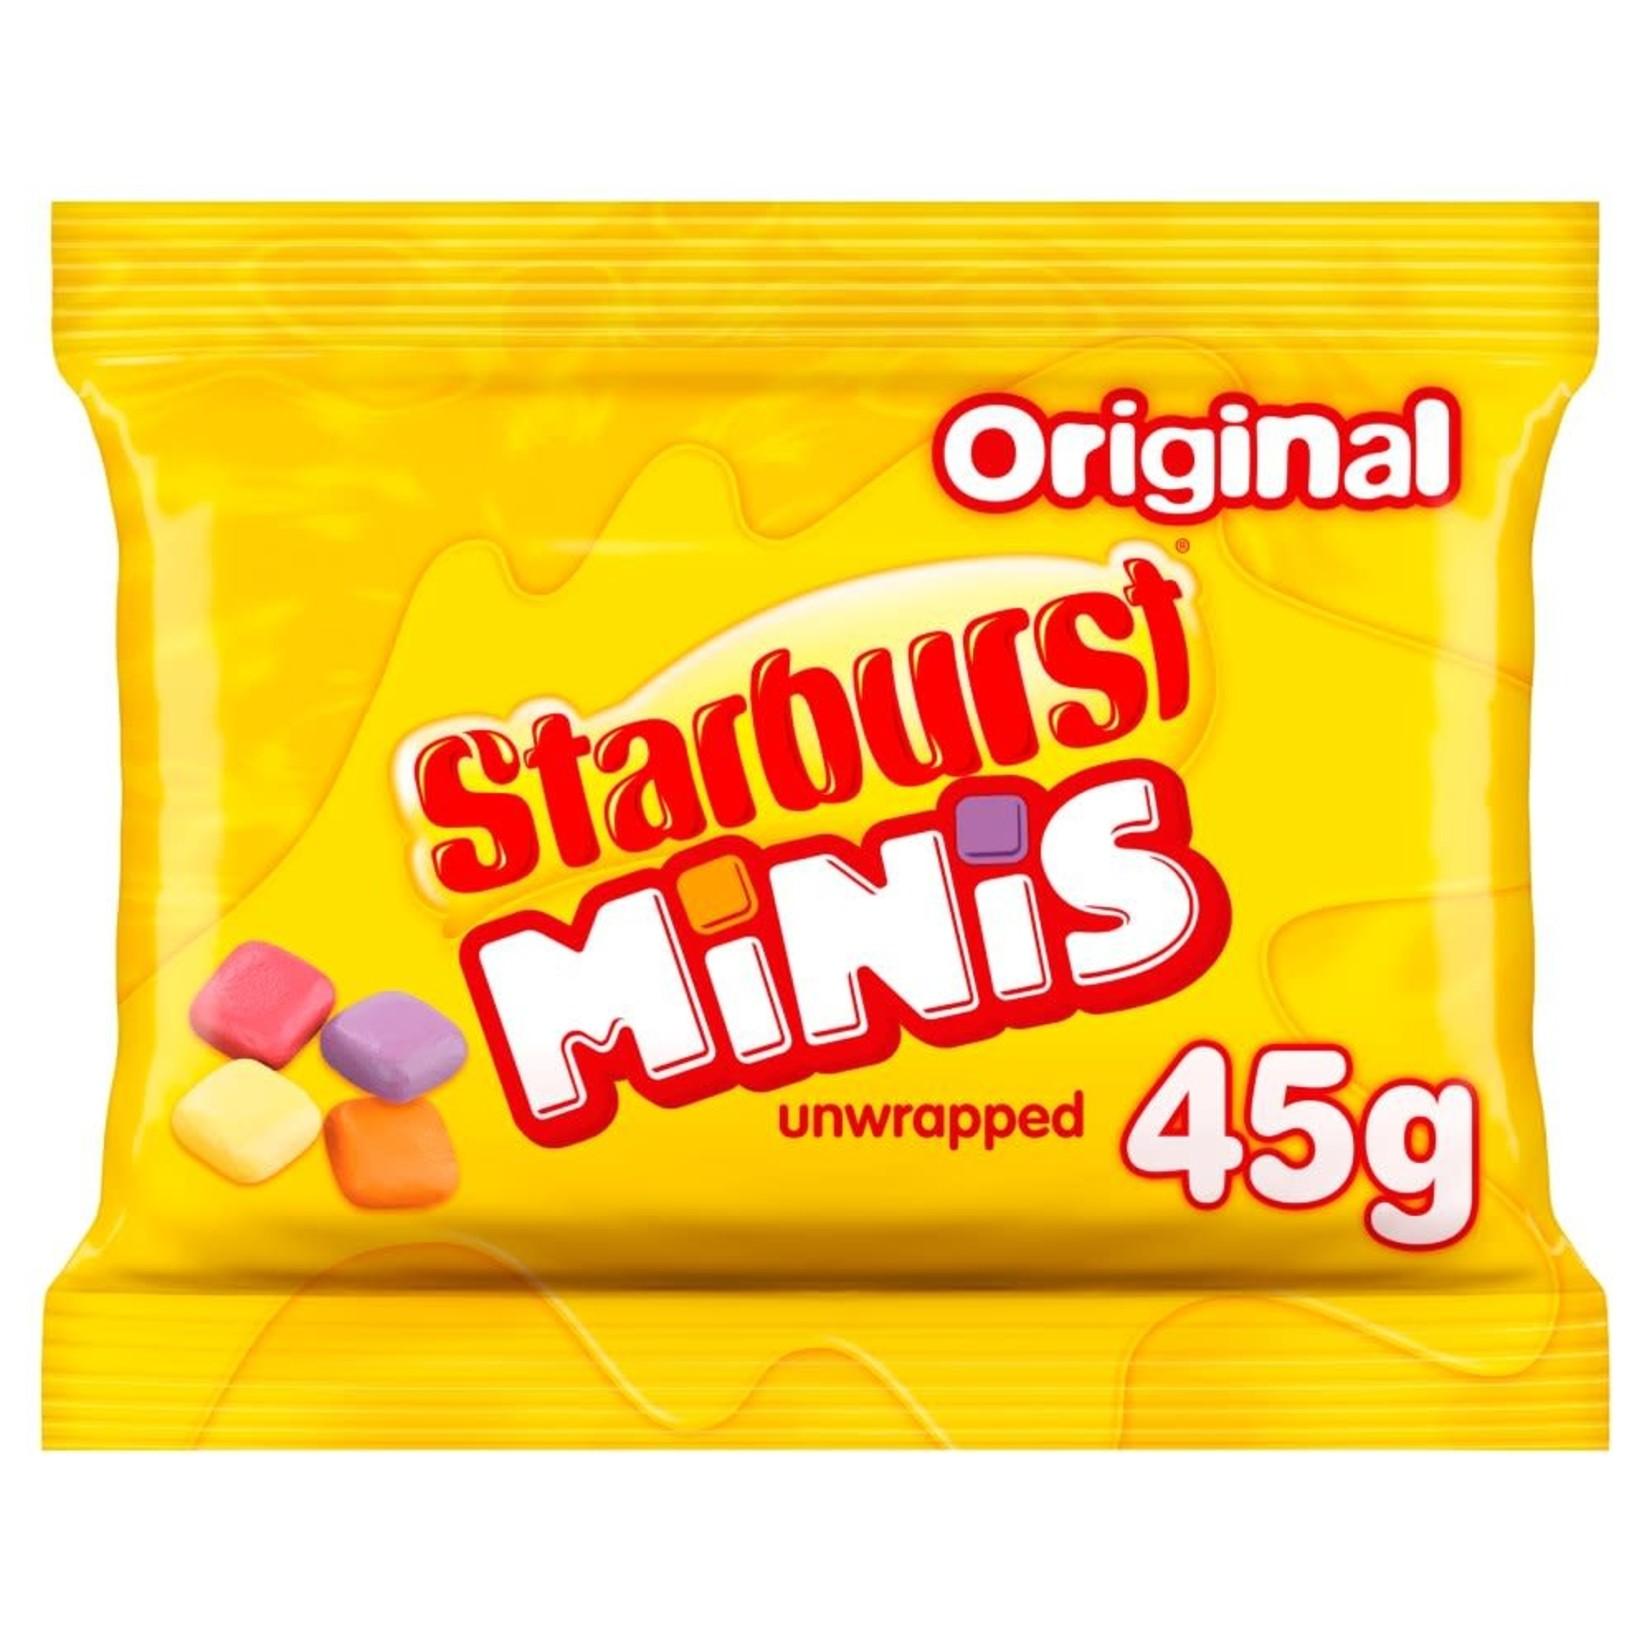 Starburst Minis, 45g